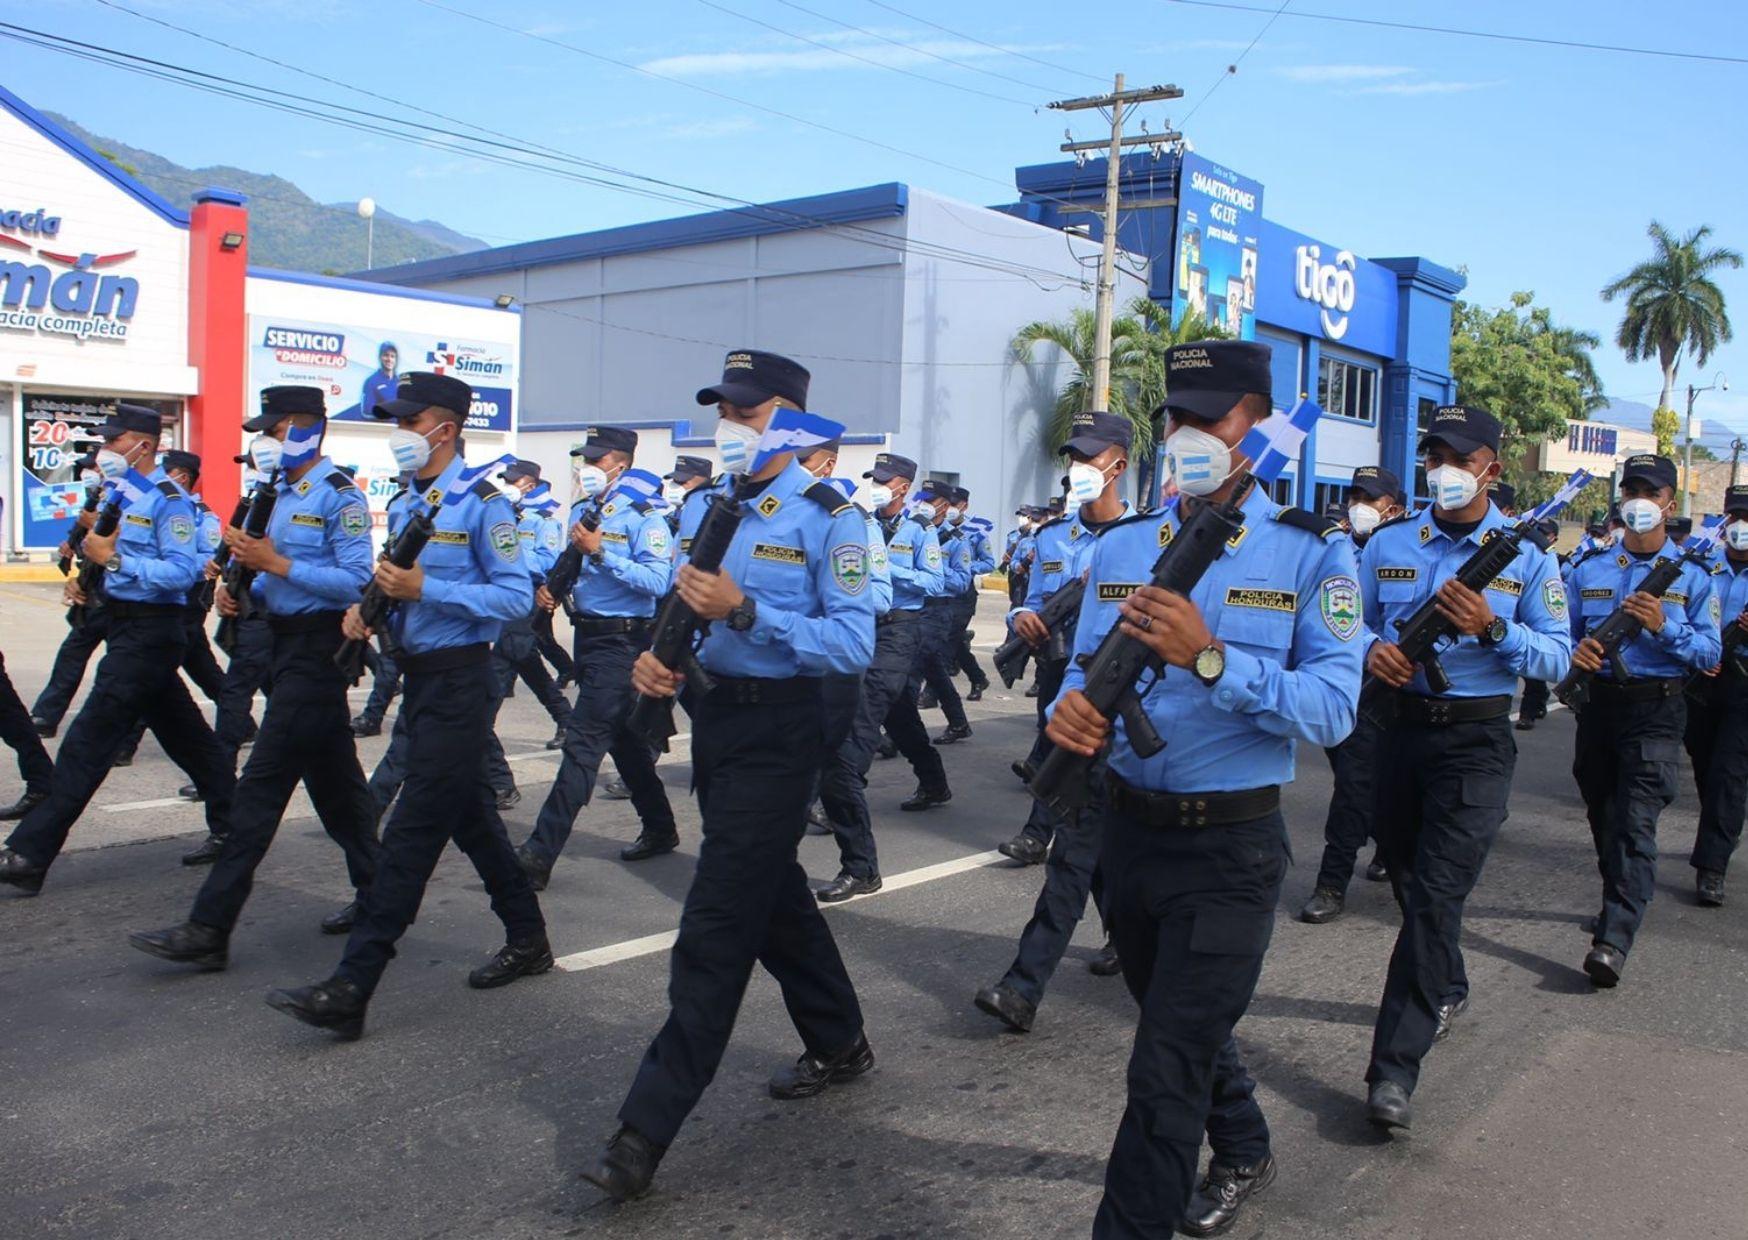 Representantes de la Policía Nacional. Foto Carlos Hernández.